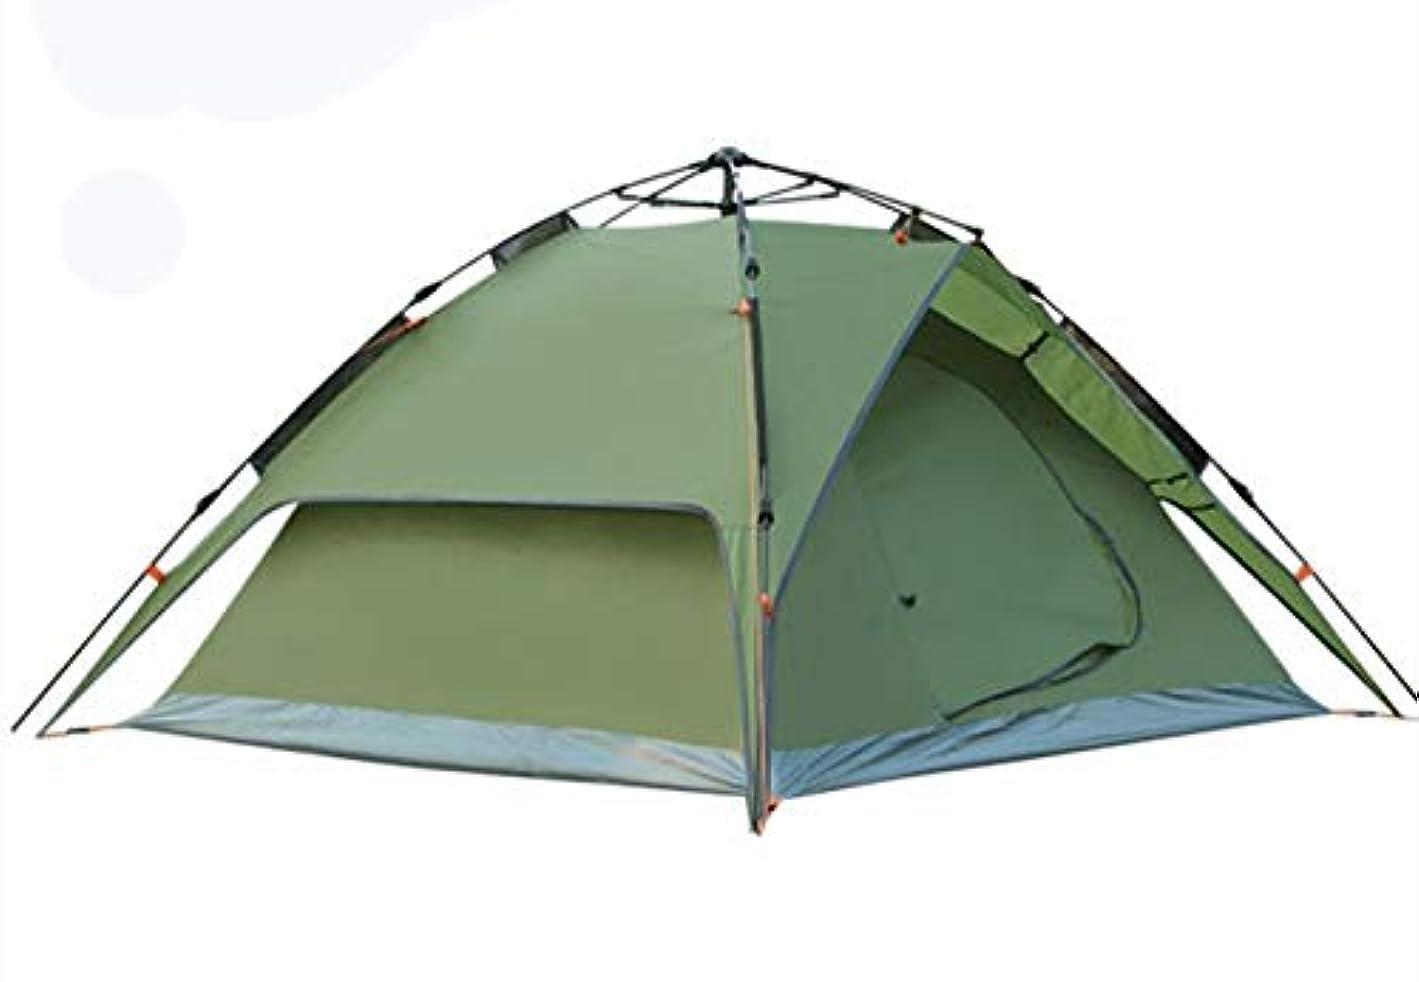 とらえどころのないクモ防腐剤テント屋外3-4人雨キャンプテント二部屋一ホール野生二重層キャンプ自動スピードオープンビーチテント